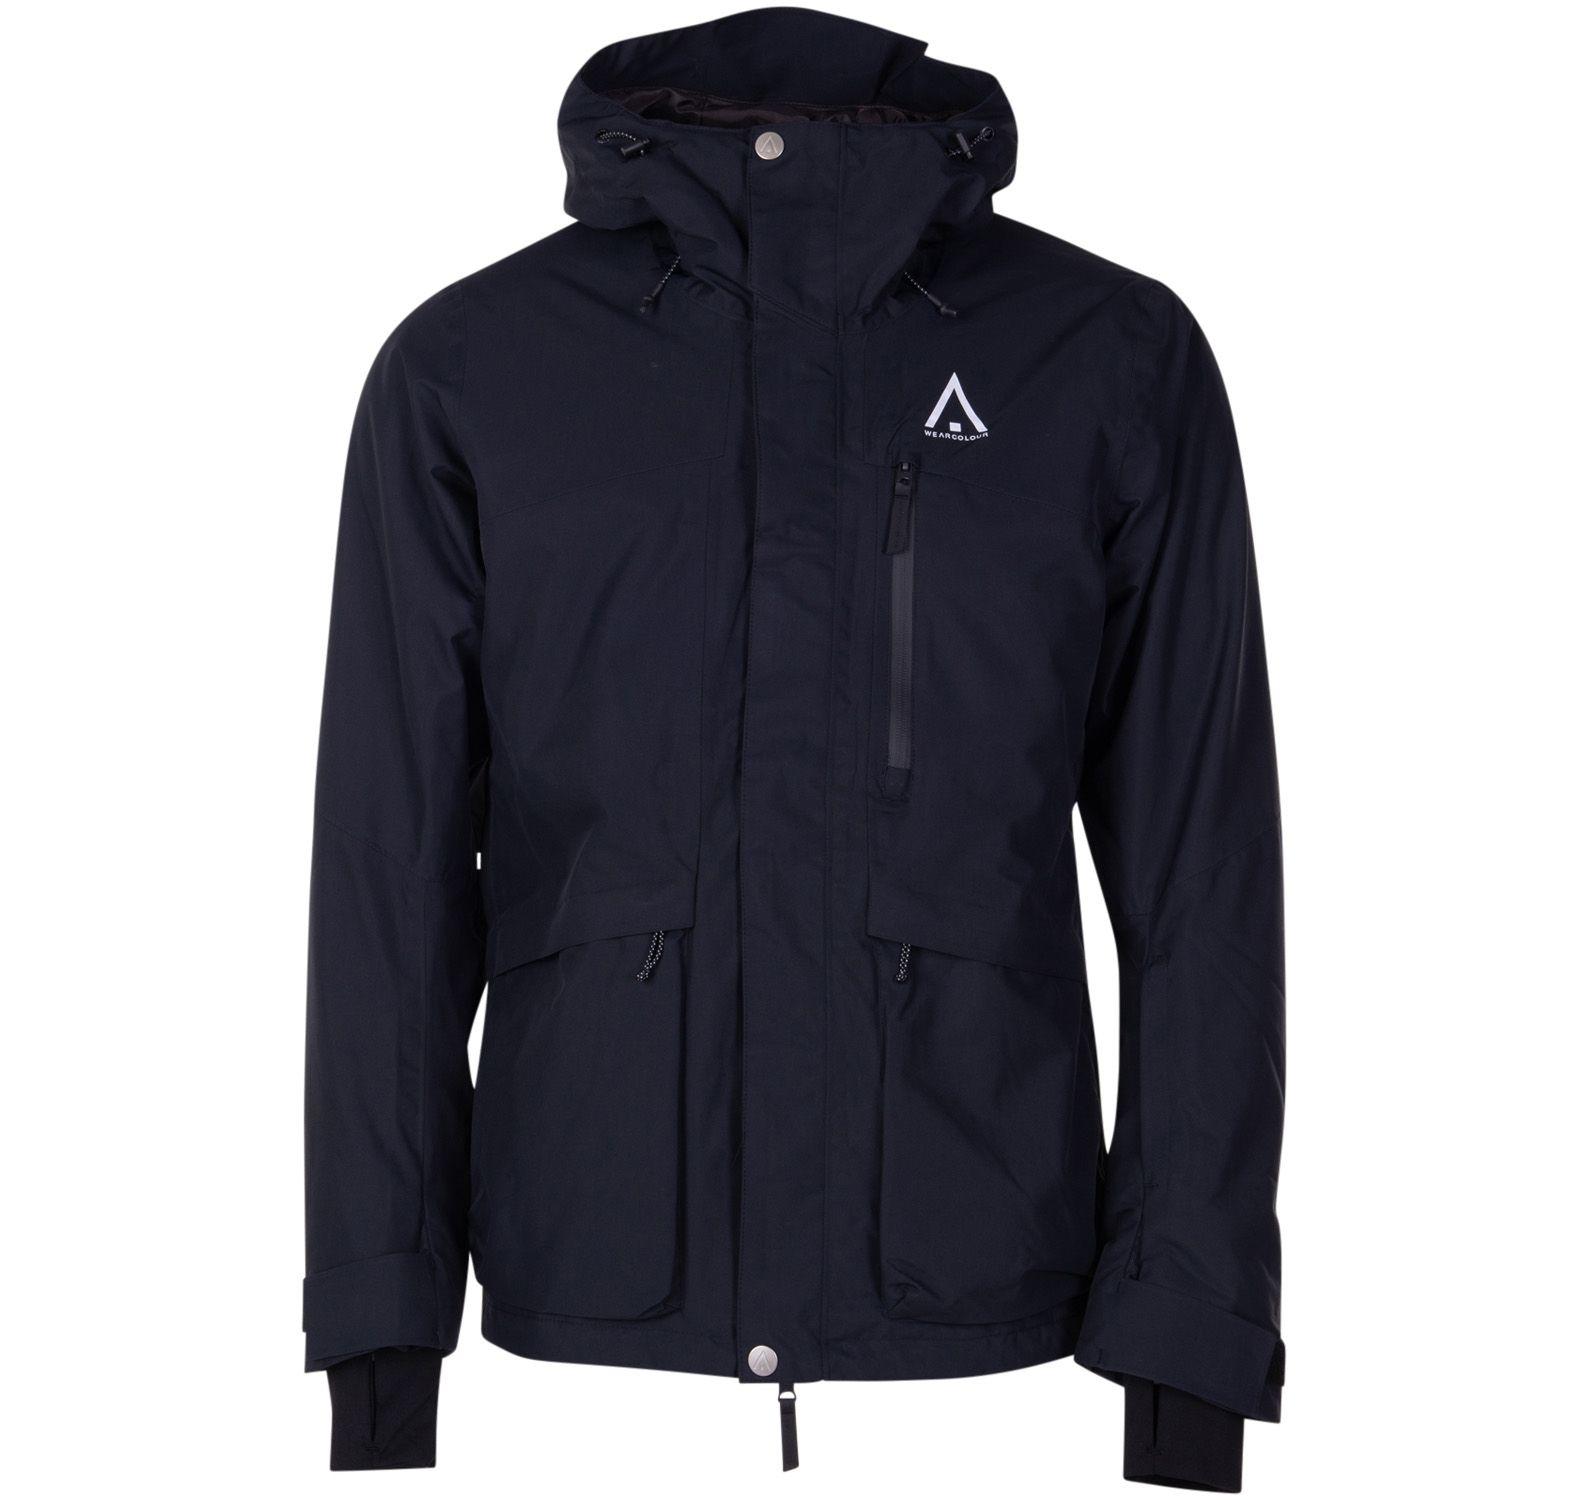 Ace Jacket, Black, L,  Wearcolour